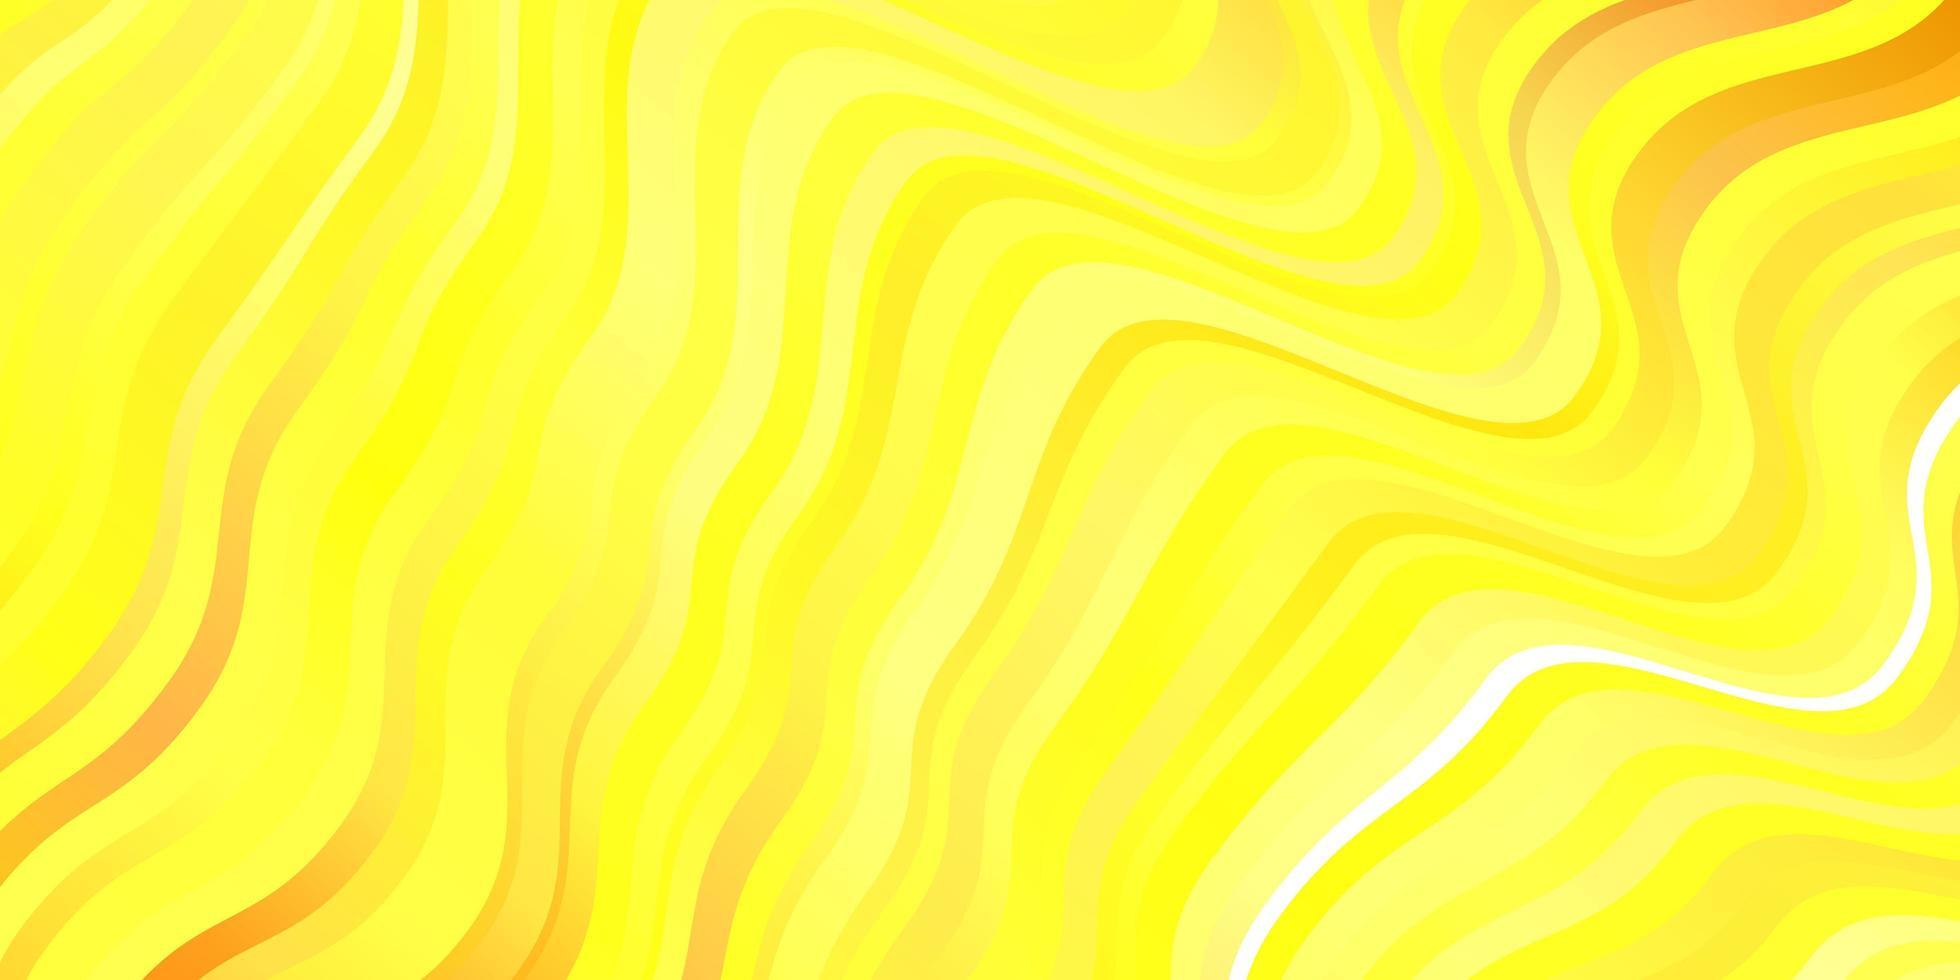 helloranger Vektorhintergrund mit Bögen. vektor